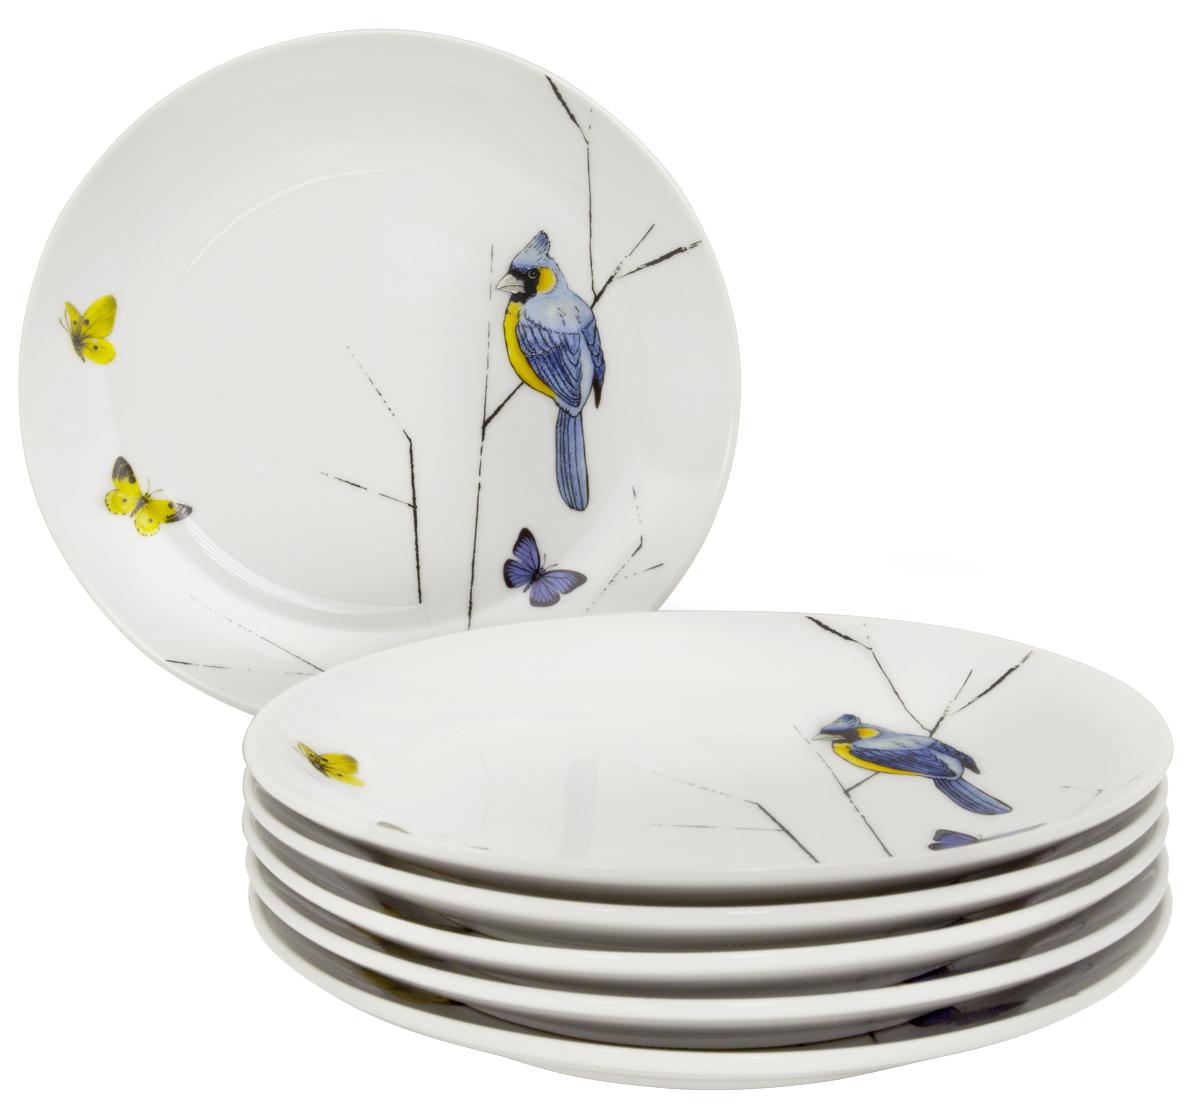 Набор десертных тарелок Esprado Primavera, цвет: белый, черный, голубой, 20,5 см, 6 шт. PRM021YE3014787BLANC-1-6Набор Esprado Primavera состоит из шести десертных тарелок,выполненных из высококачественного твердогофарфора.Над созданием дизайна коллекций посуды из твердогофарфора Esprado работает международная командавысококлассных дизайнеров, не только воплощающих вжизнь все новейшие тренды, но также ипридерживающихся многовековых традиций присоздании классических коллекций.Посуда из твердого фарфора будет идеальным выбором,для тех, кто предпочитает красивую современную посудуиз высококачественного материала, которая отличаетсявысокой прочностью и подходит для ежедневного использования.